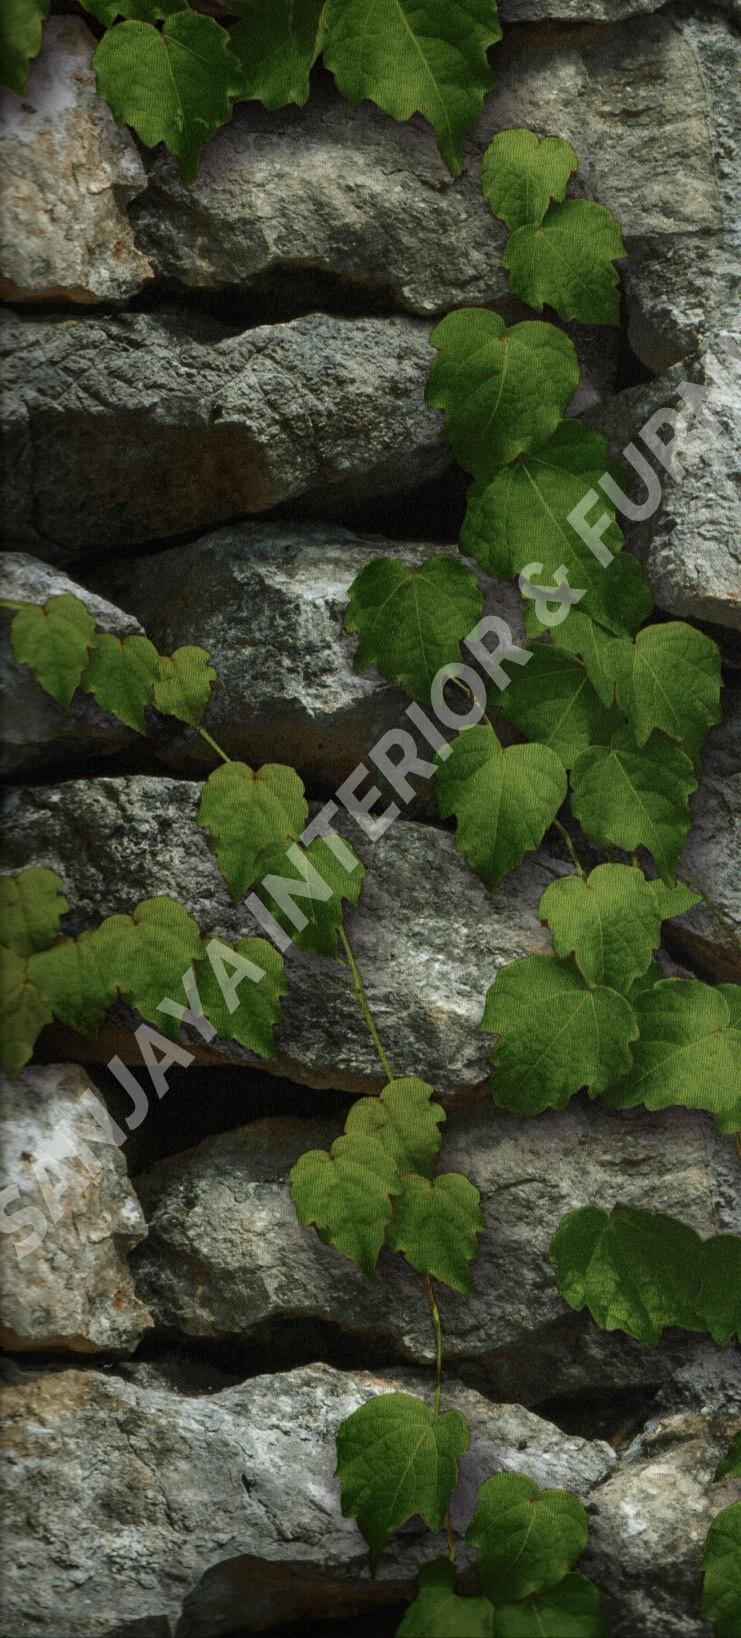 wallpaper   Wallpaper Batu-Batuan 40106-1:40106-1 corak  warna